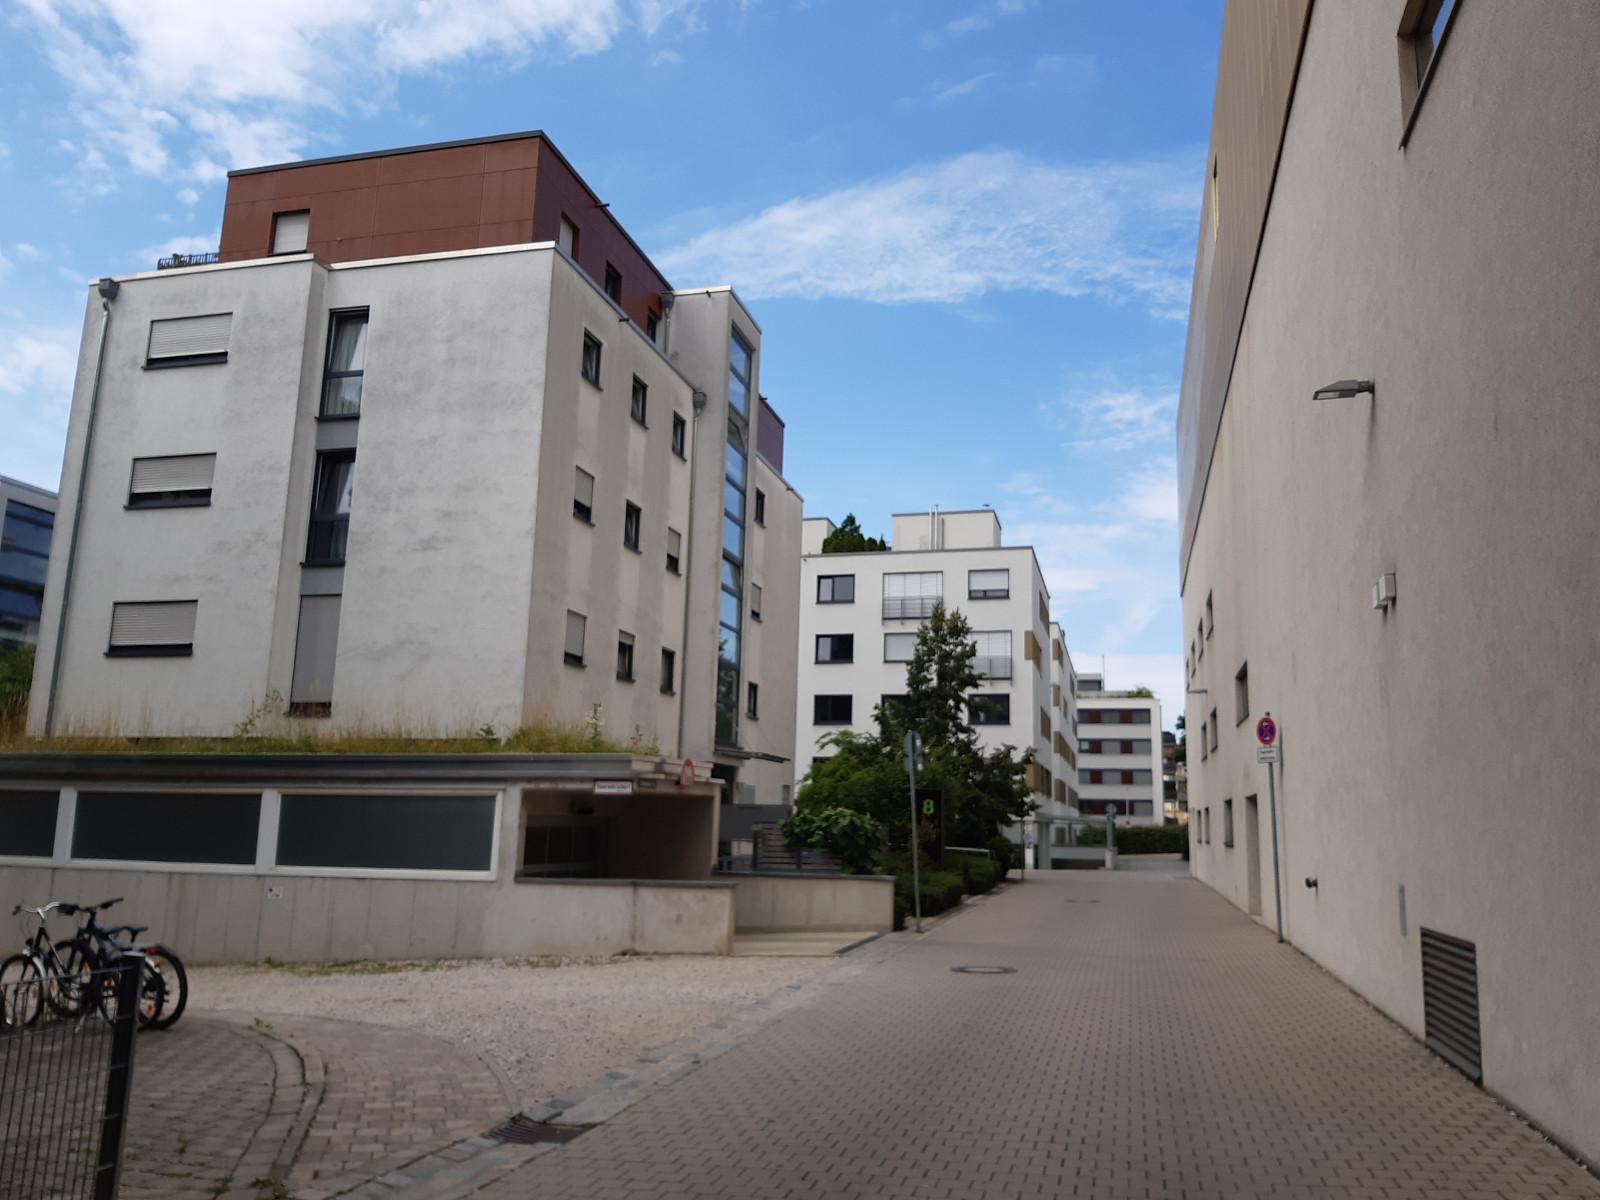 2021-09-07-03-50-16-3Kupferschmiedshof.jpg - Atelier Haberbosch Nürnberg